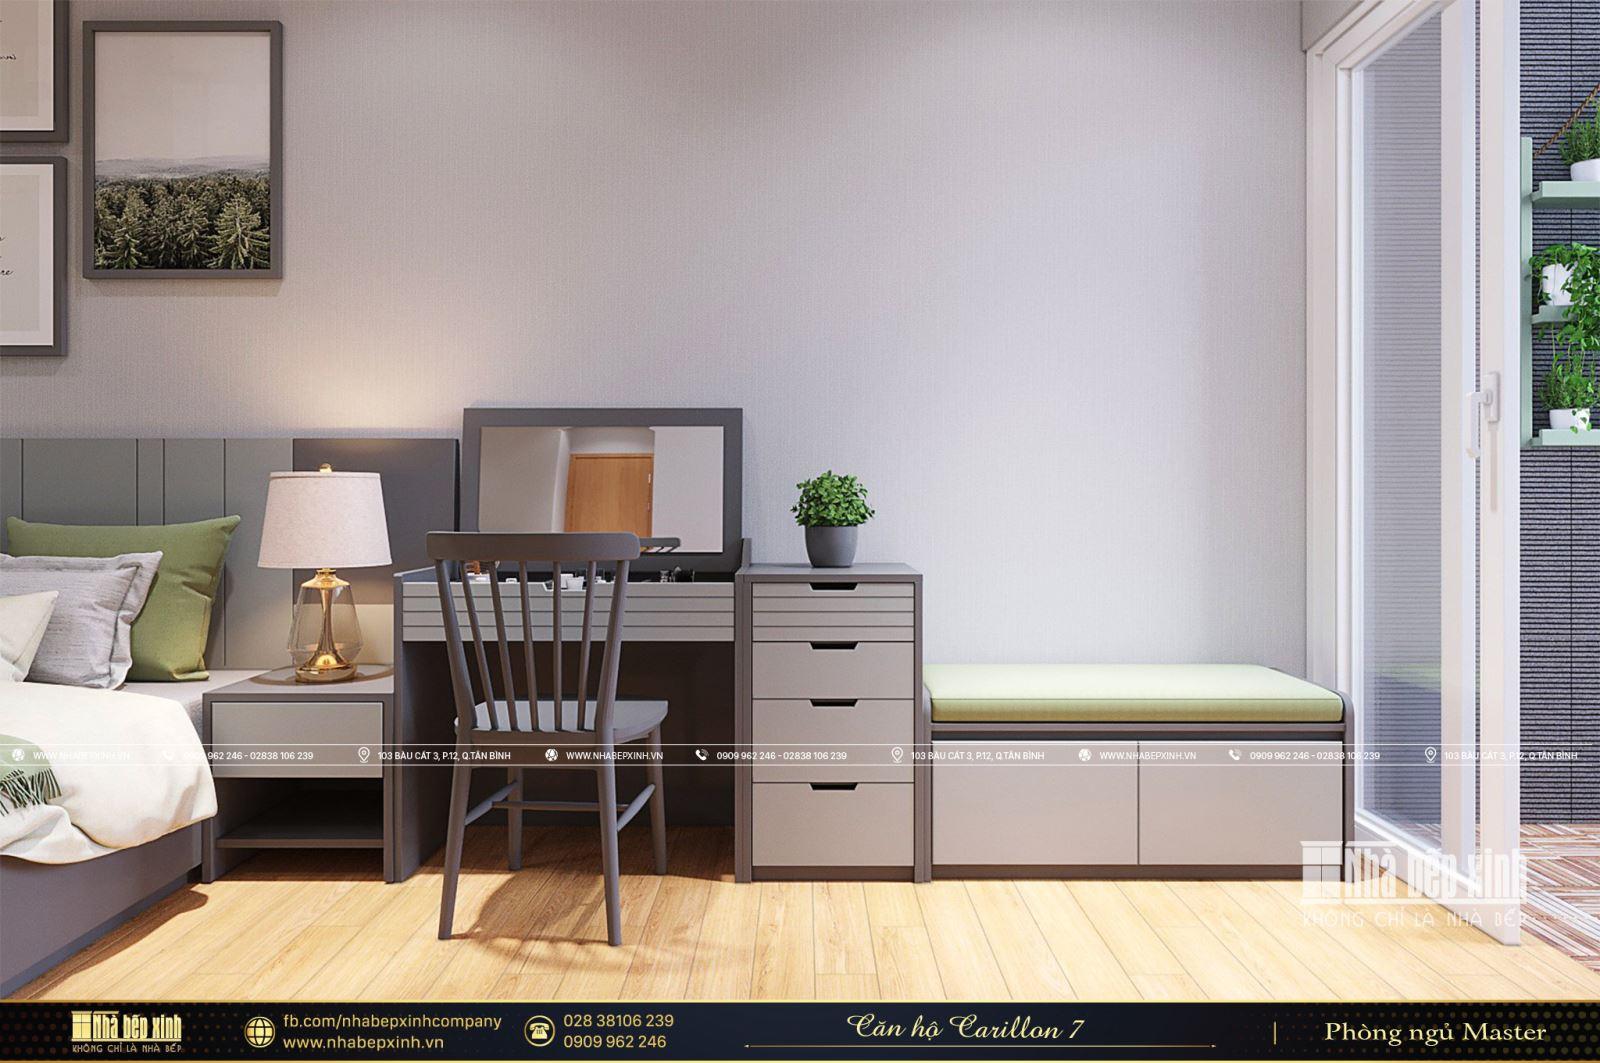 Căn hộ mẫu Carillon 7 - 2 phòng ngủ